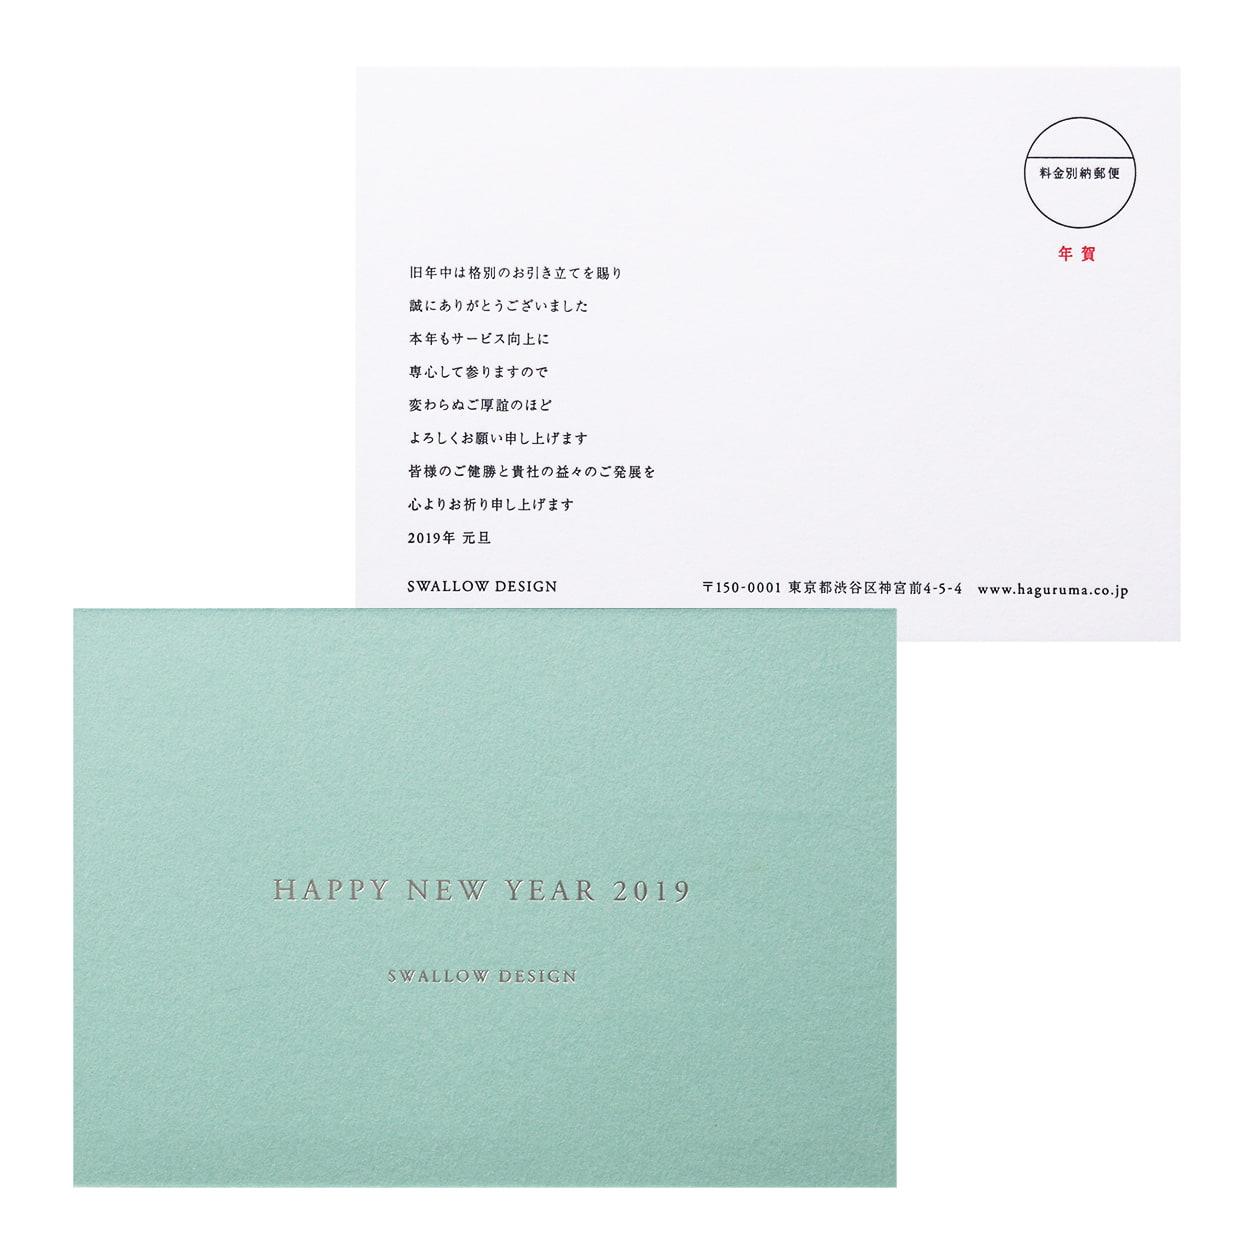 サンプル カード・シート 00255